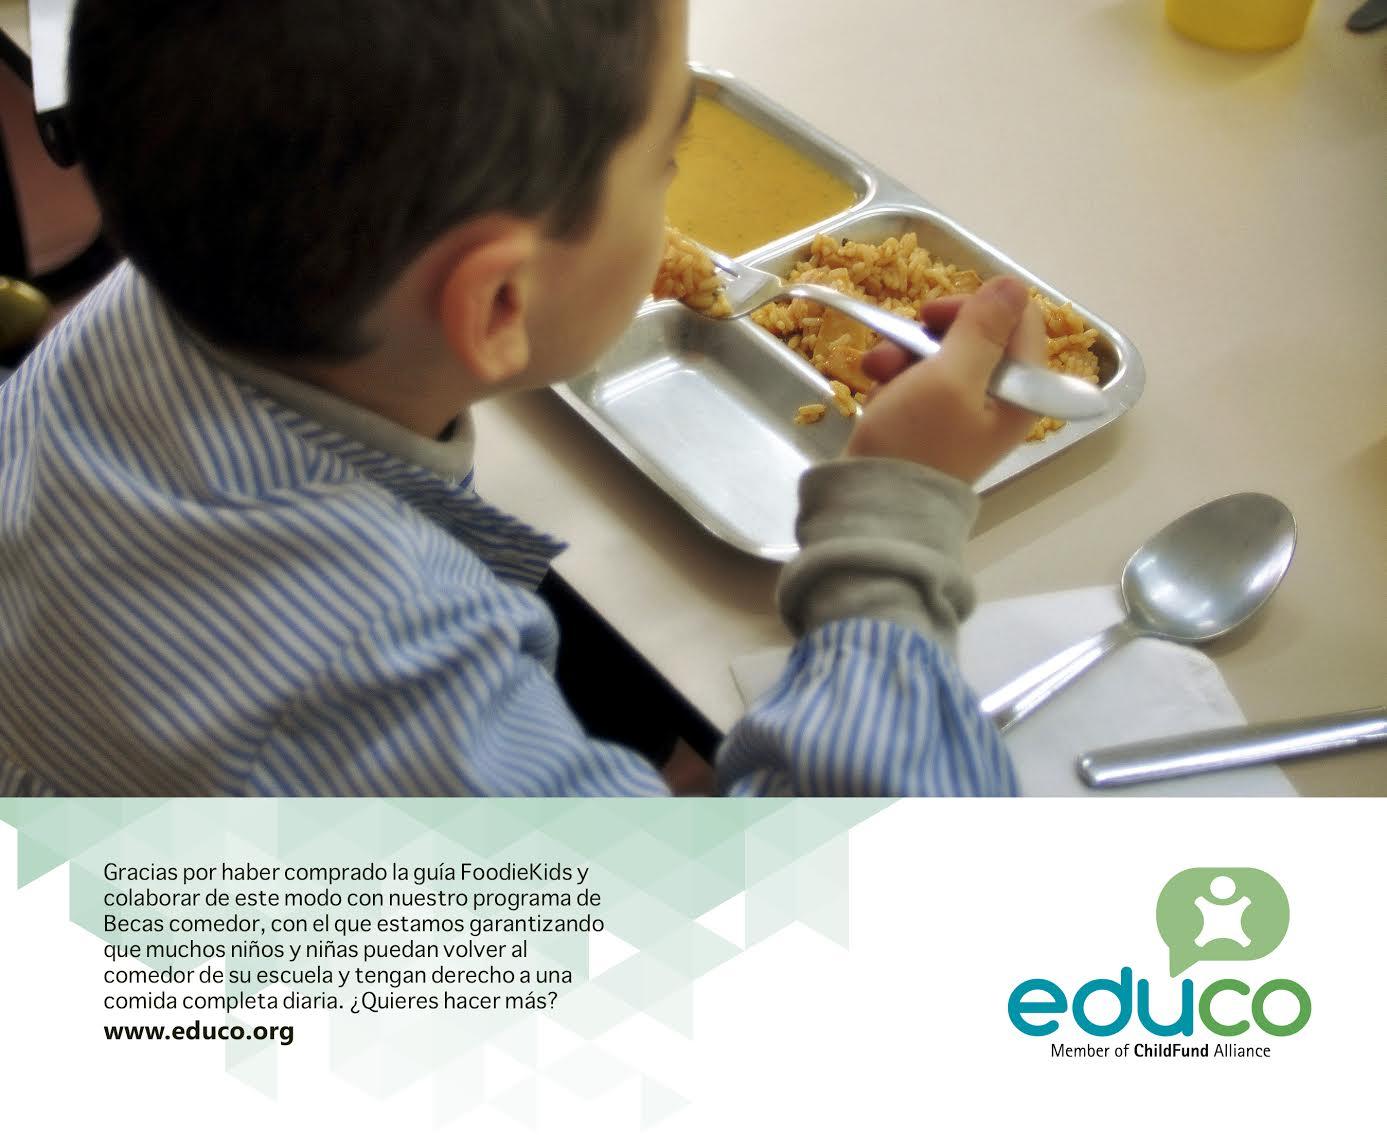 Www Educaragon Org Becas Comedor - Hogar Y Ideas De Diseño - Feirt.com